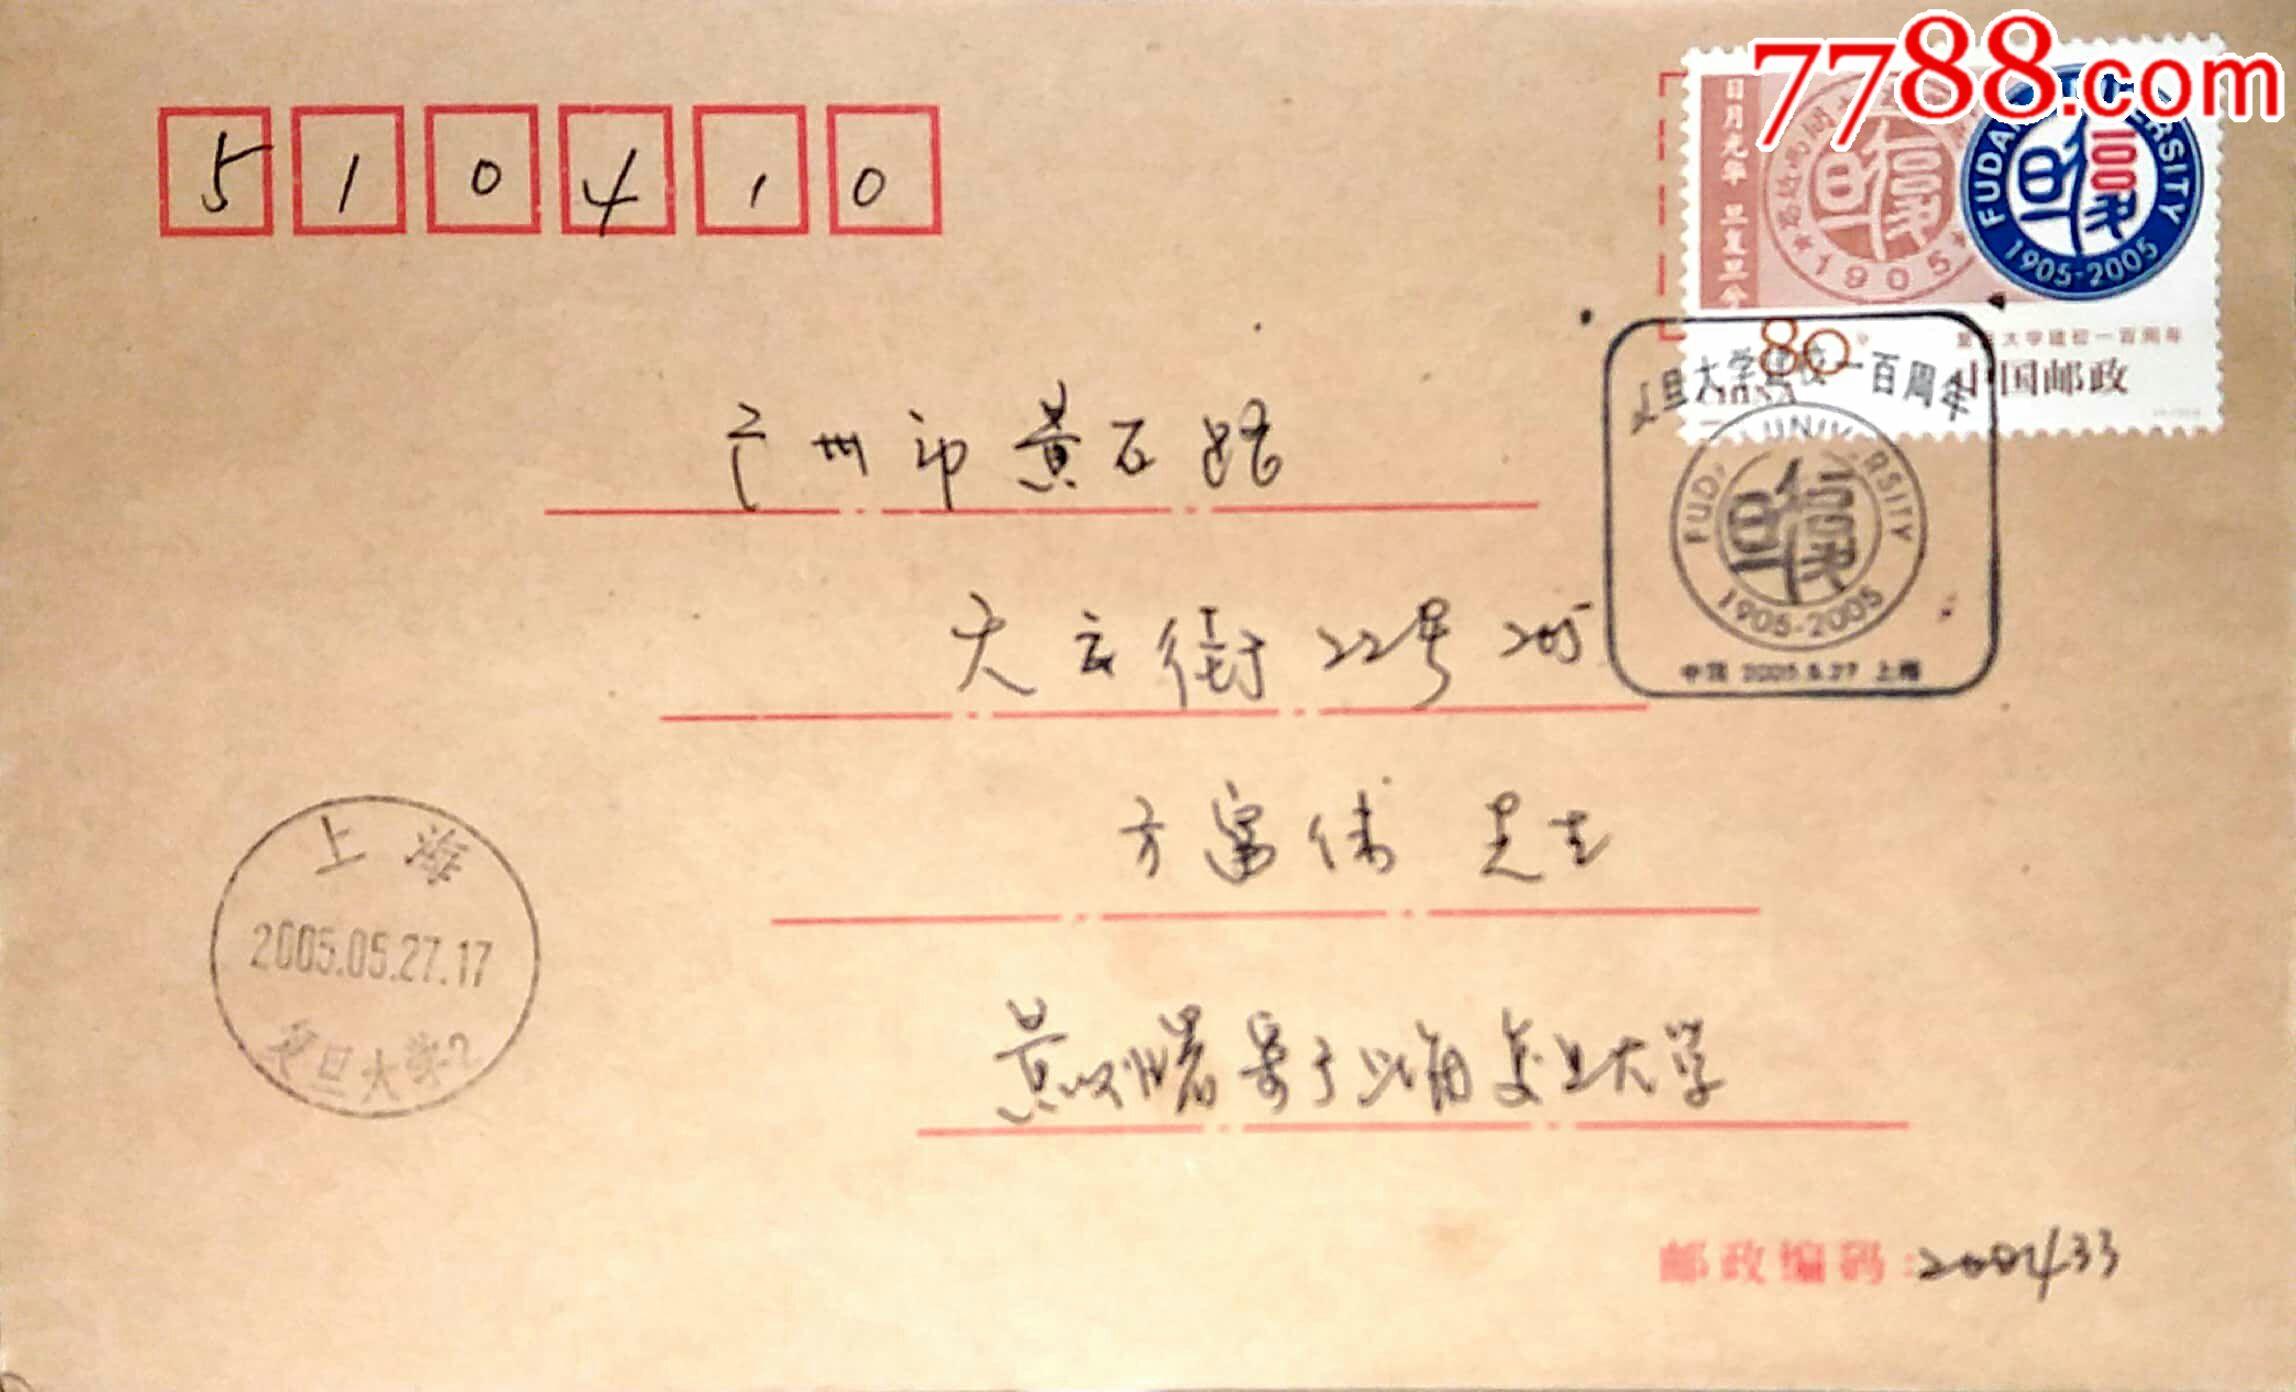 【1元起拍】2005-11《复旦大学建校一百周年》上海原地首日实寄(au21394443)_